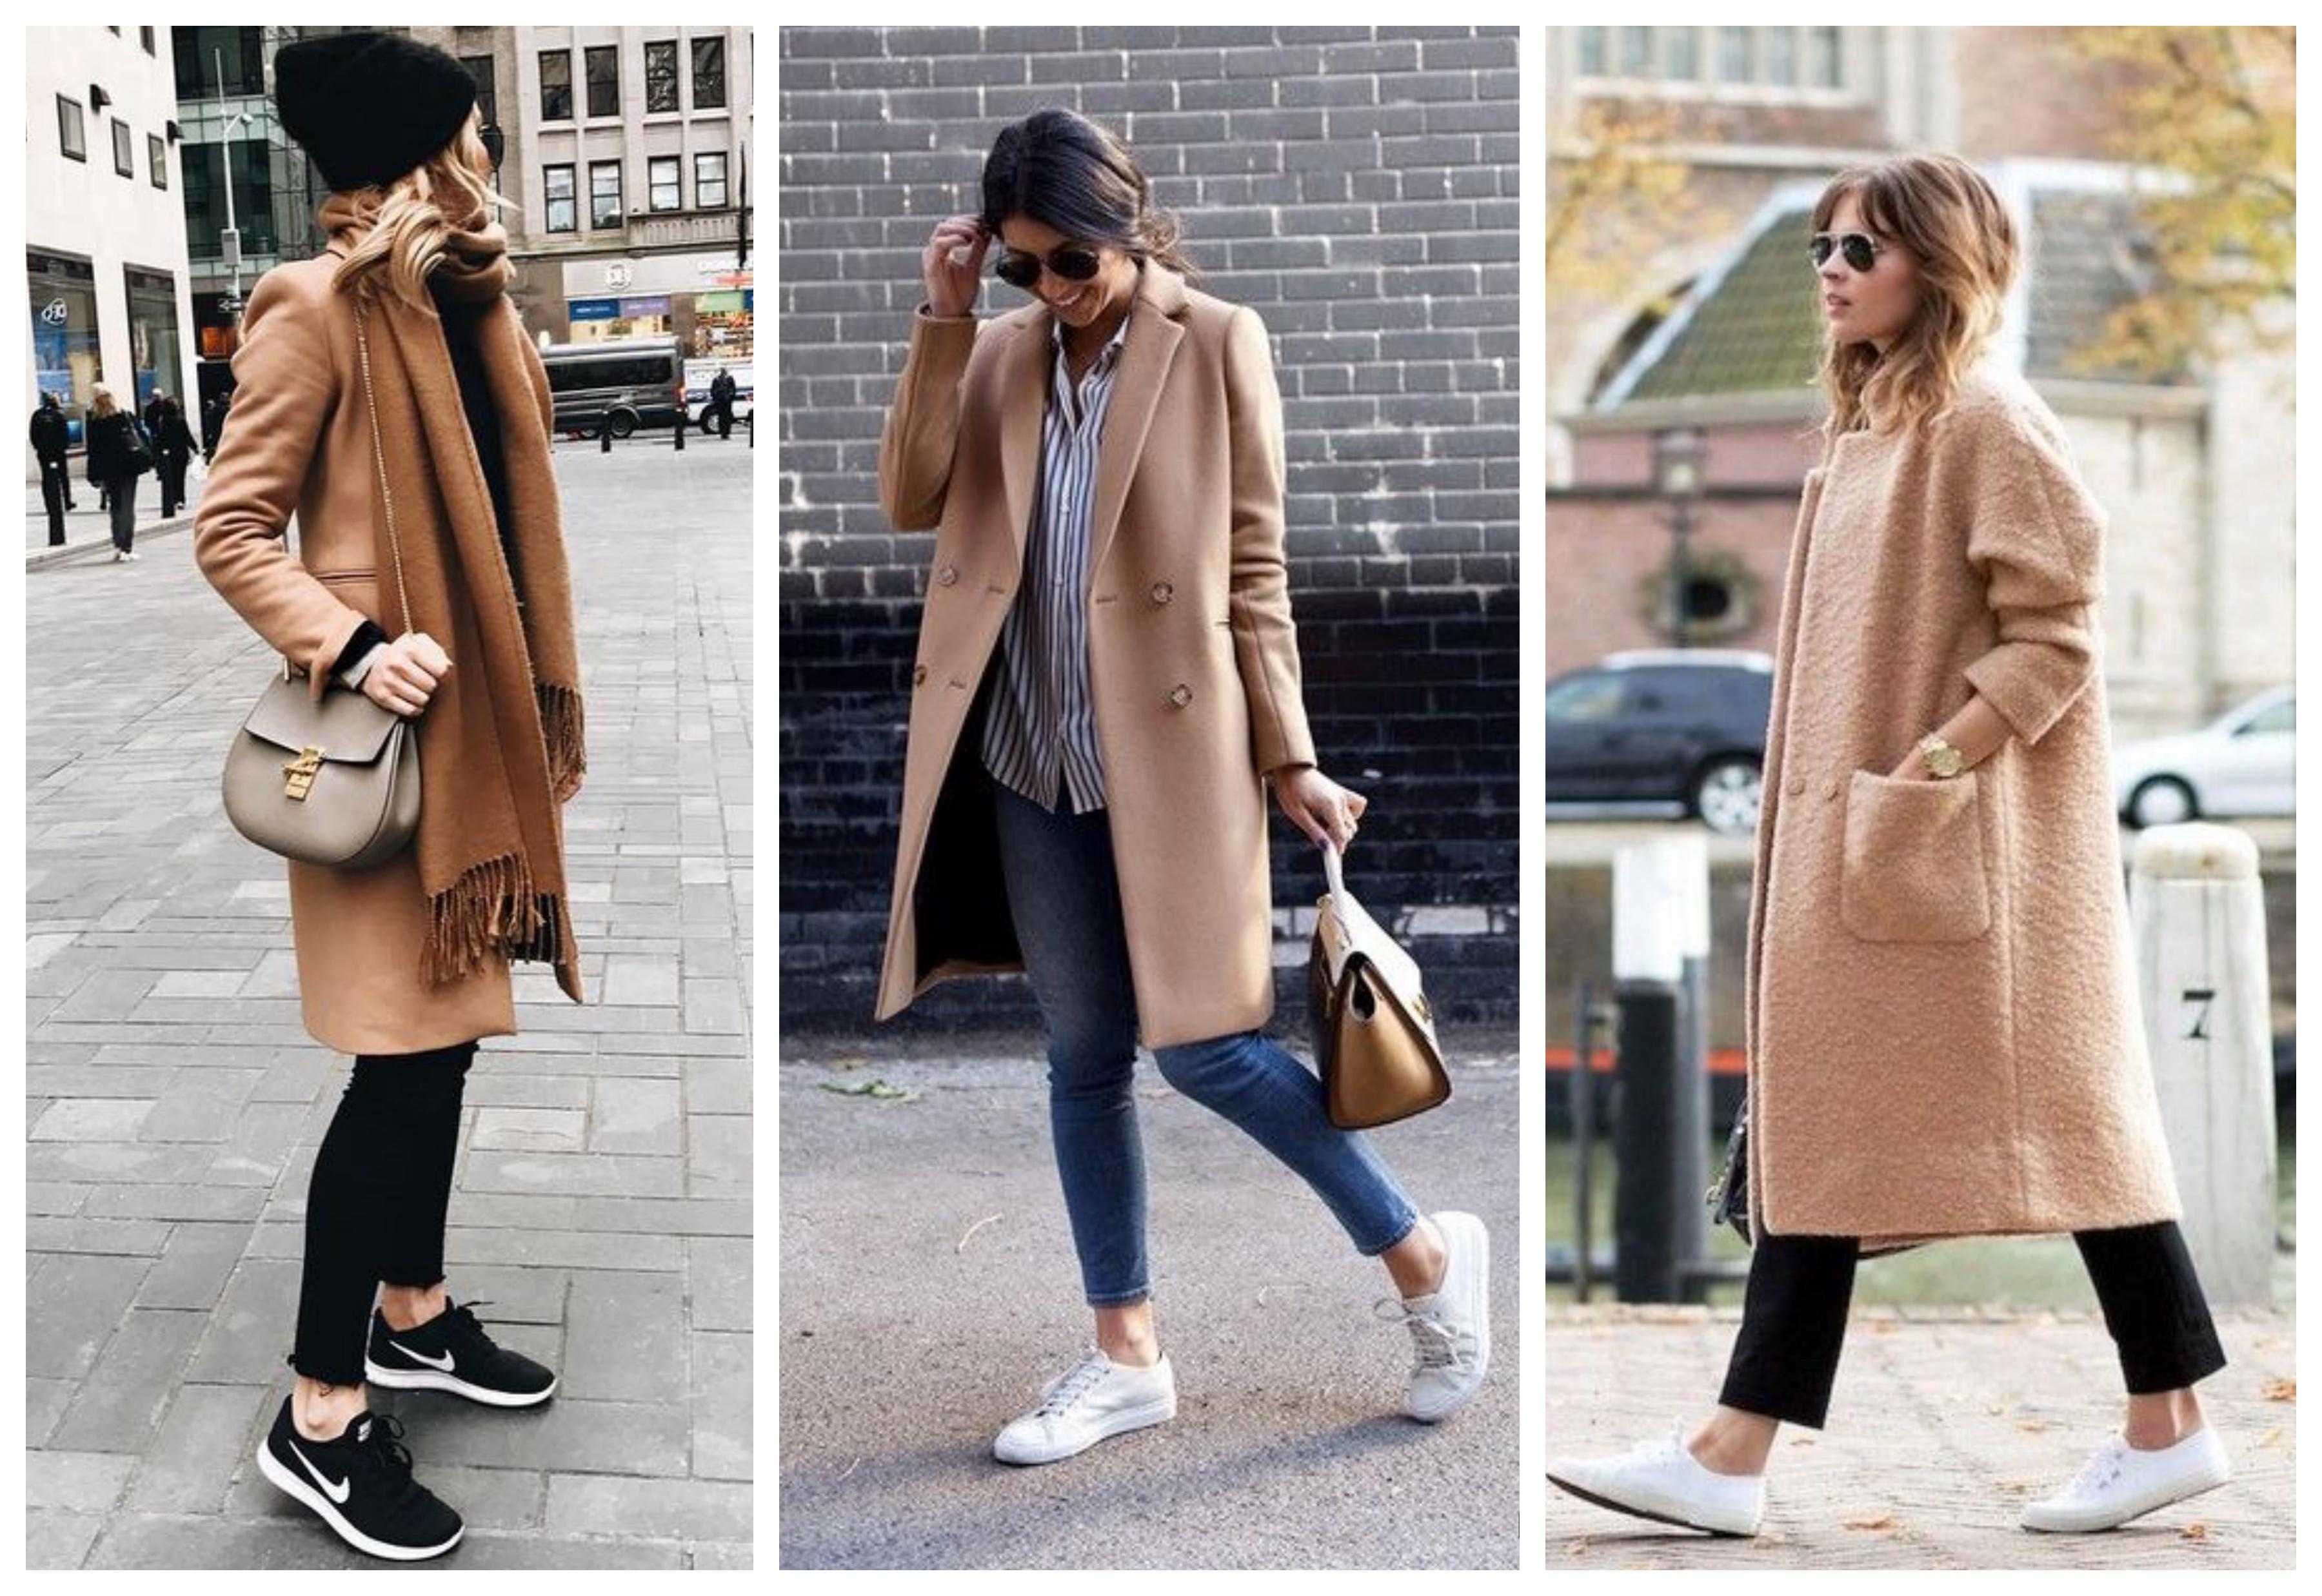 бежевое пальто с кроссовками